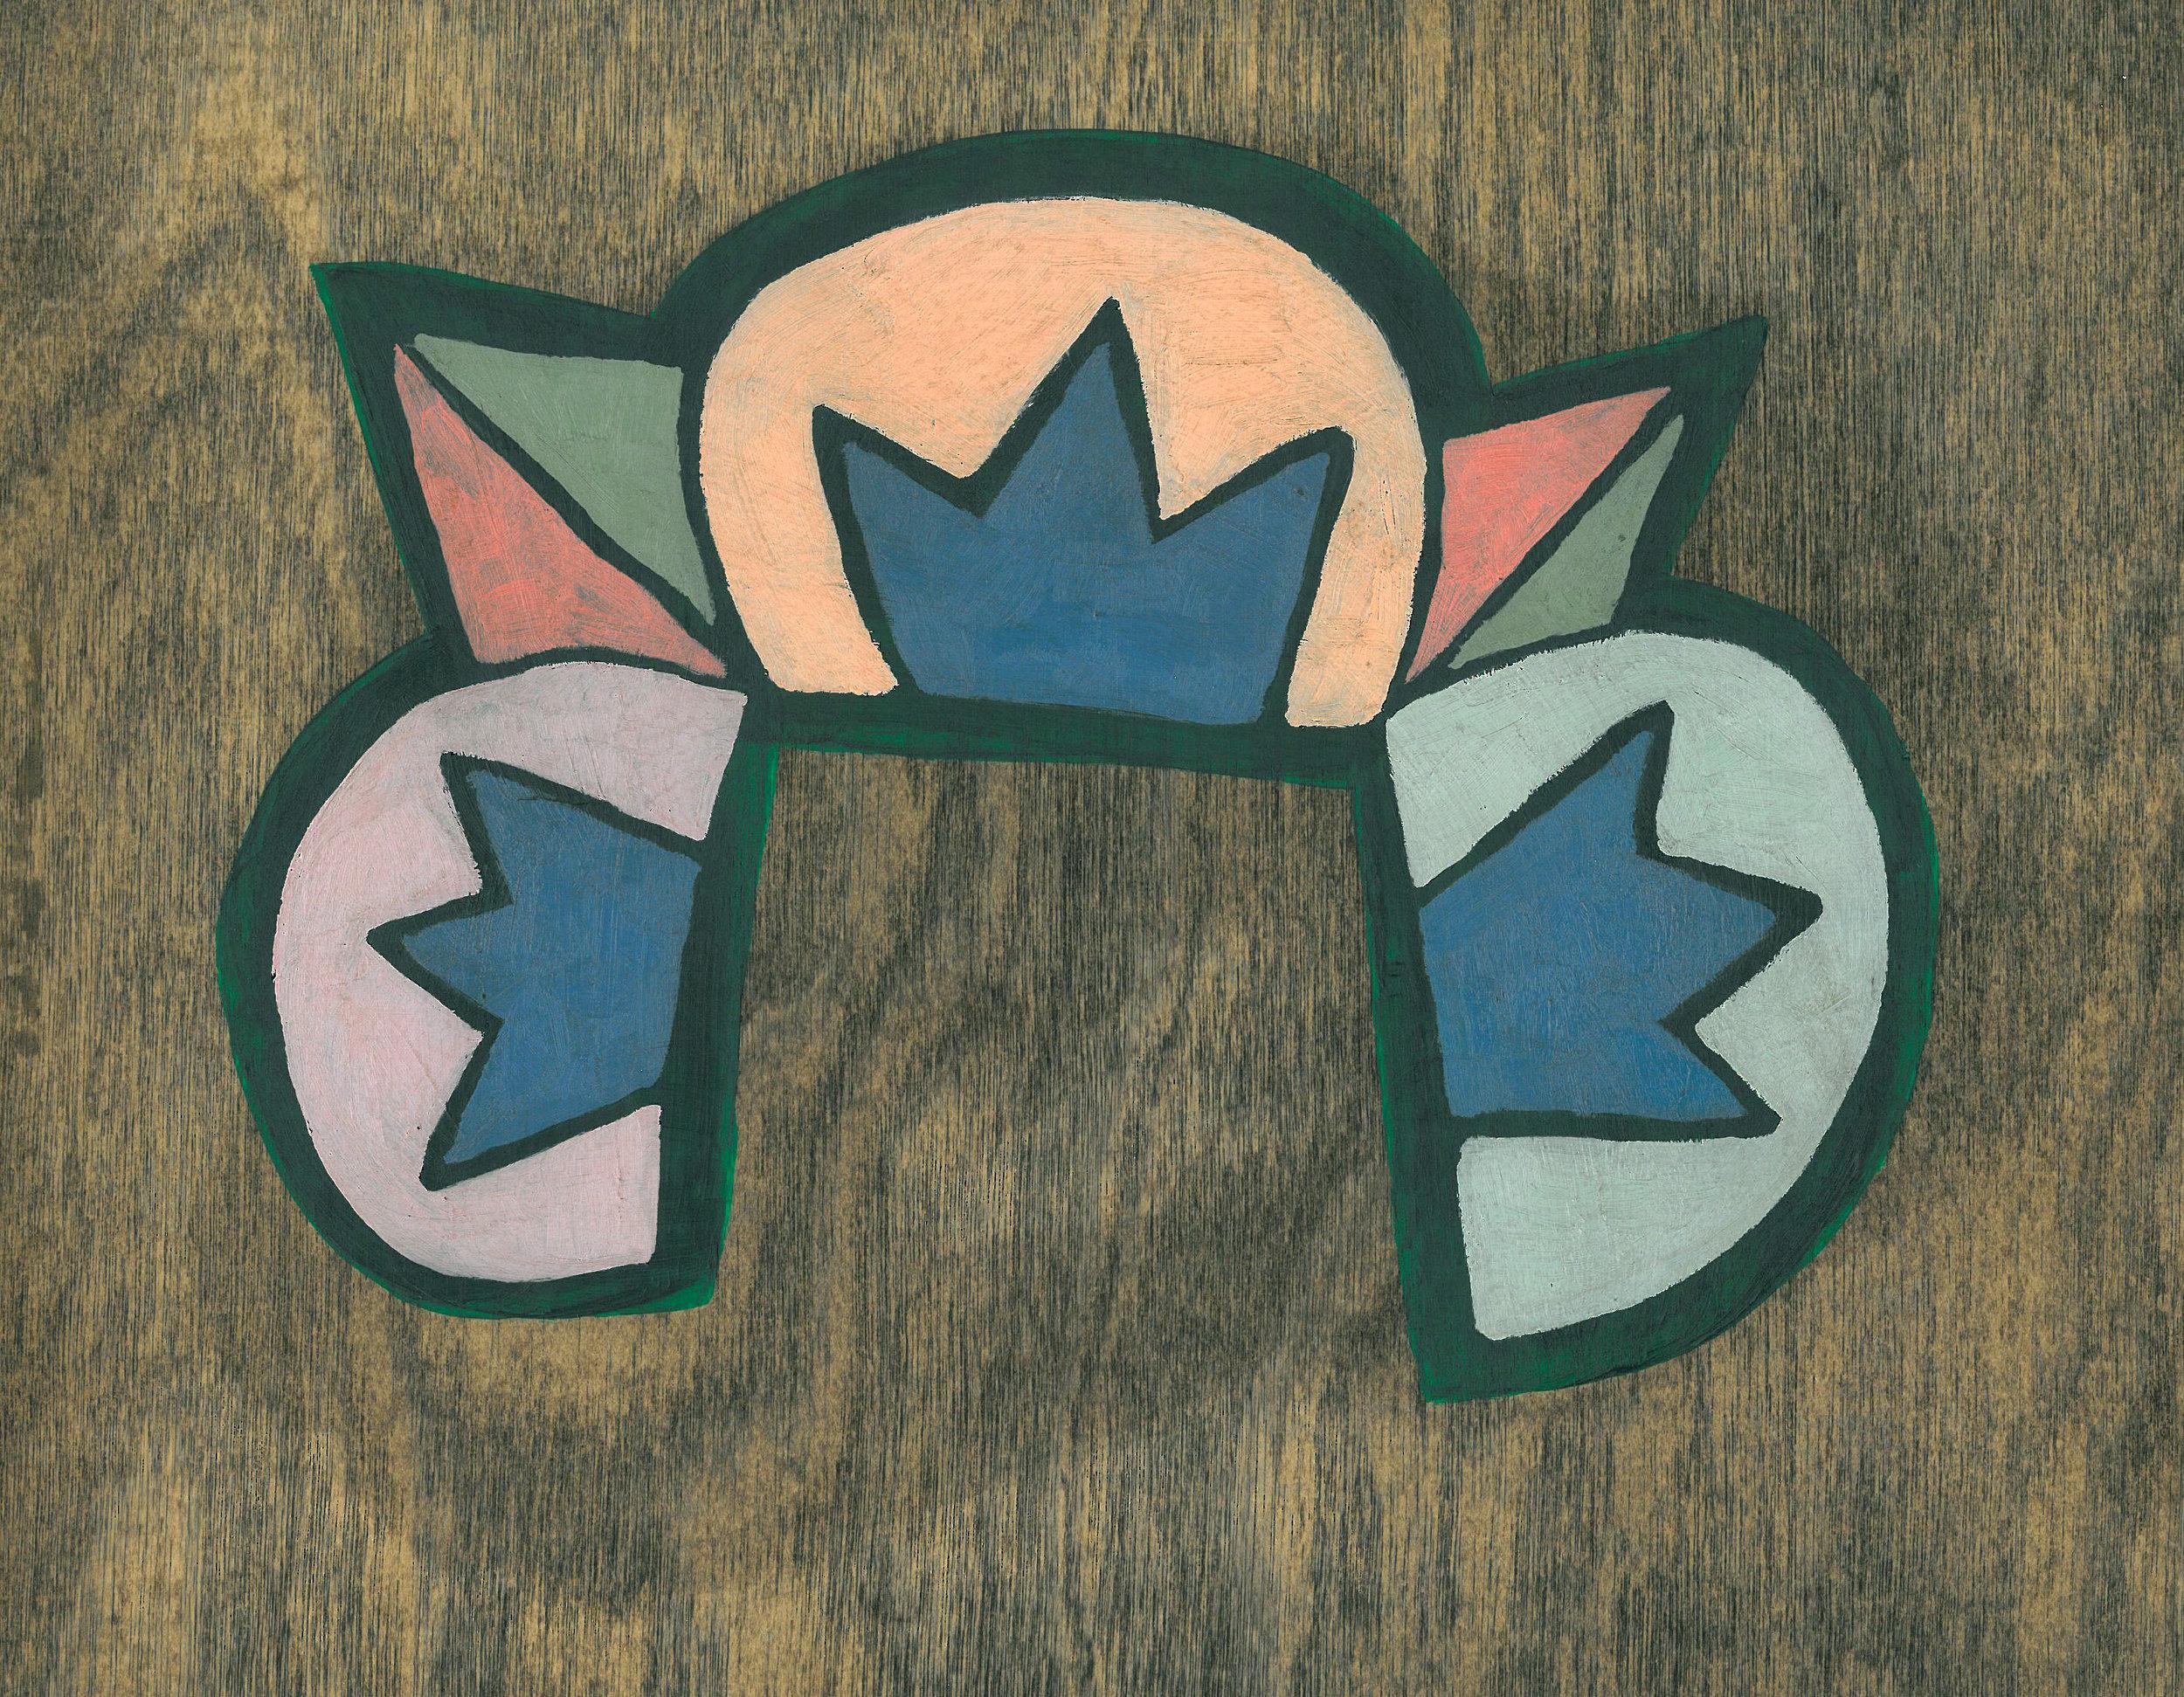 Art Deco on Wood #3